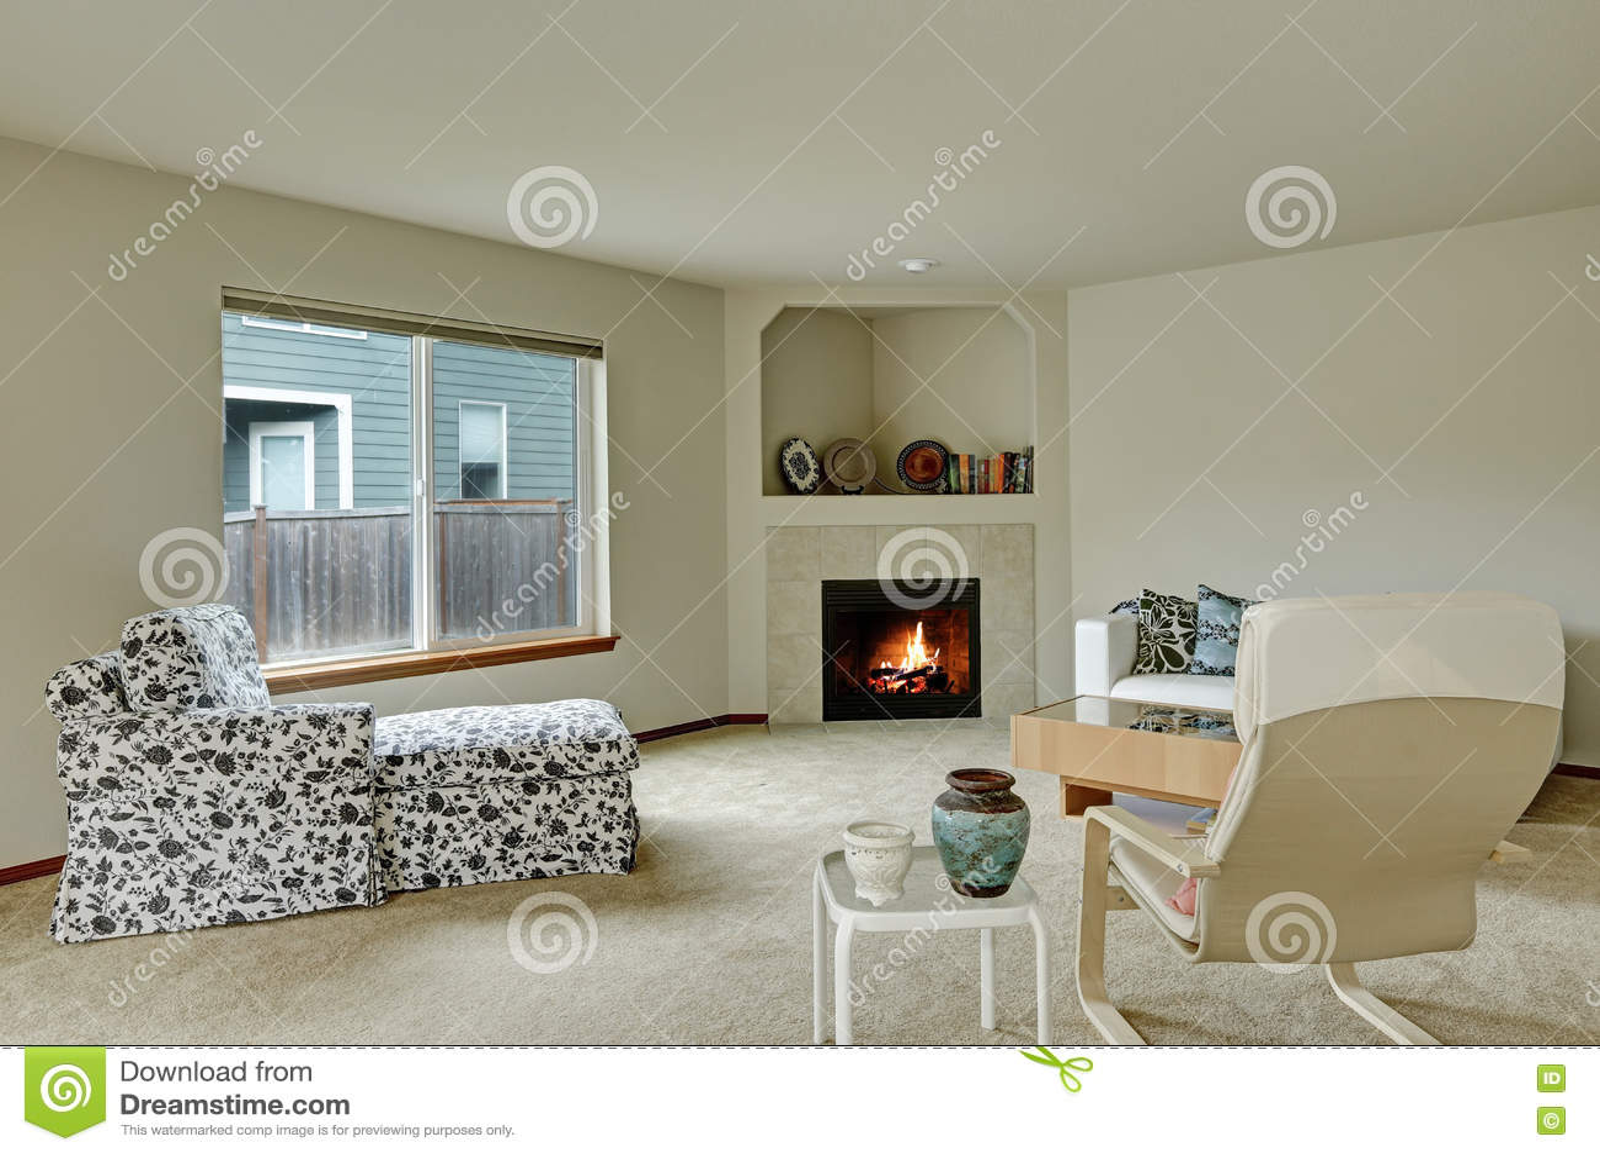 Licht Tont Elegantes Wohnzimmer Mit Kamin In Der Ecke Stockbild Bild Von Ecke Licht 79352869